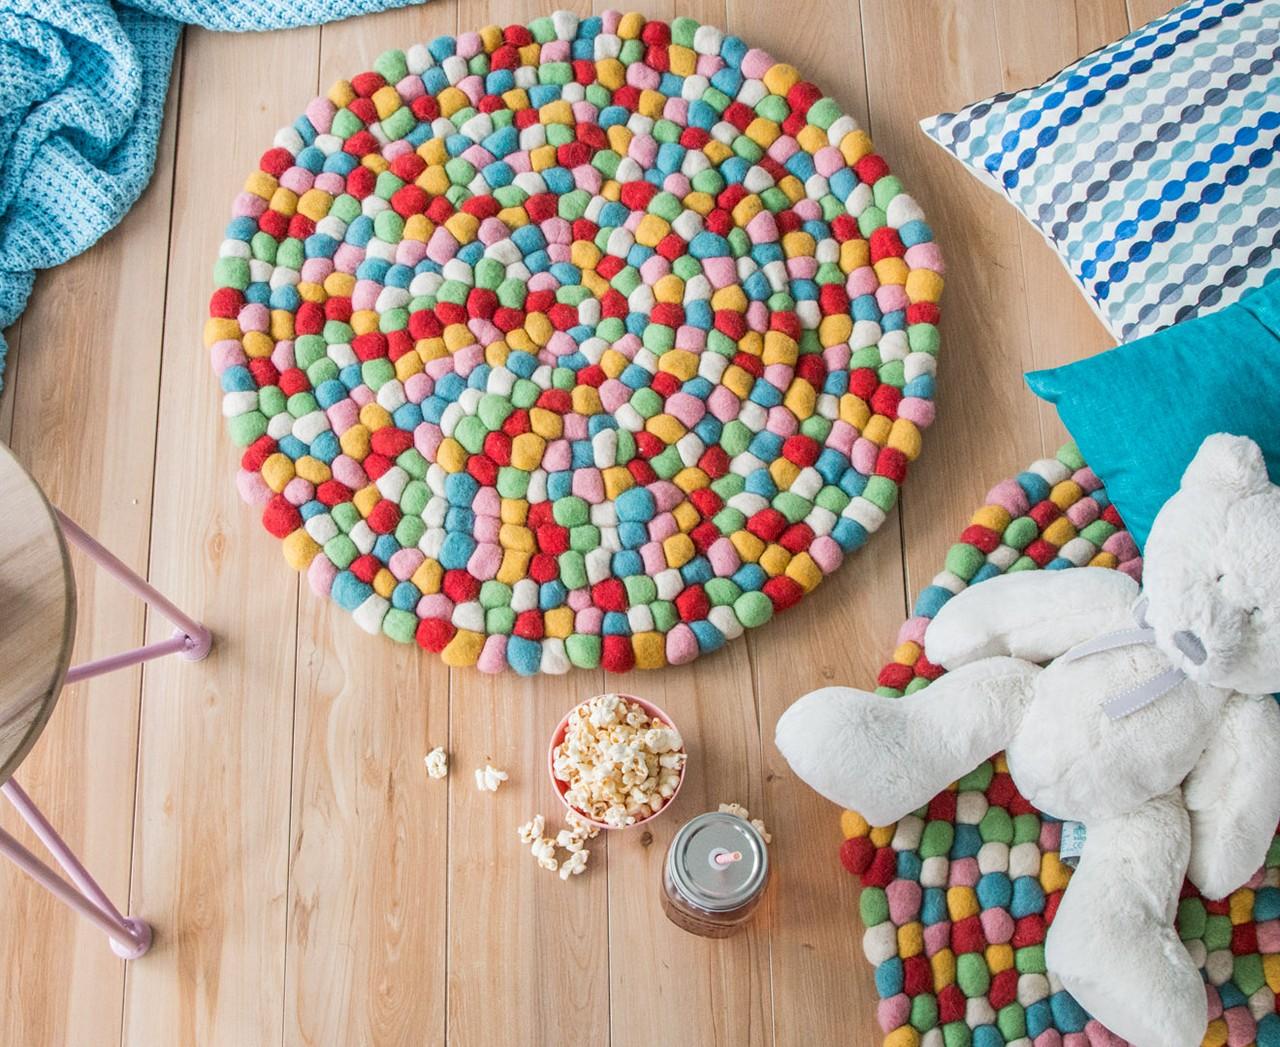 Как сделать коврик из помпонов своими руками: инструкции, пошагово мк с фото и видео по изготовлению ковриков из подручных материалов